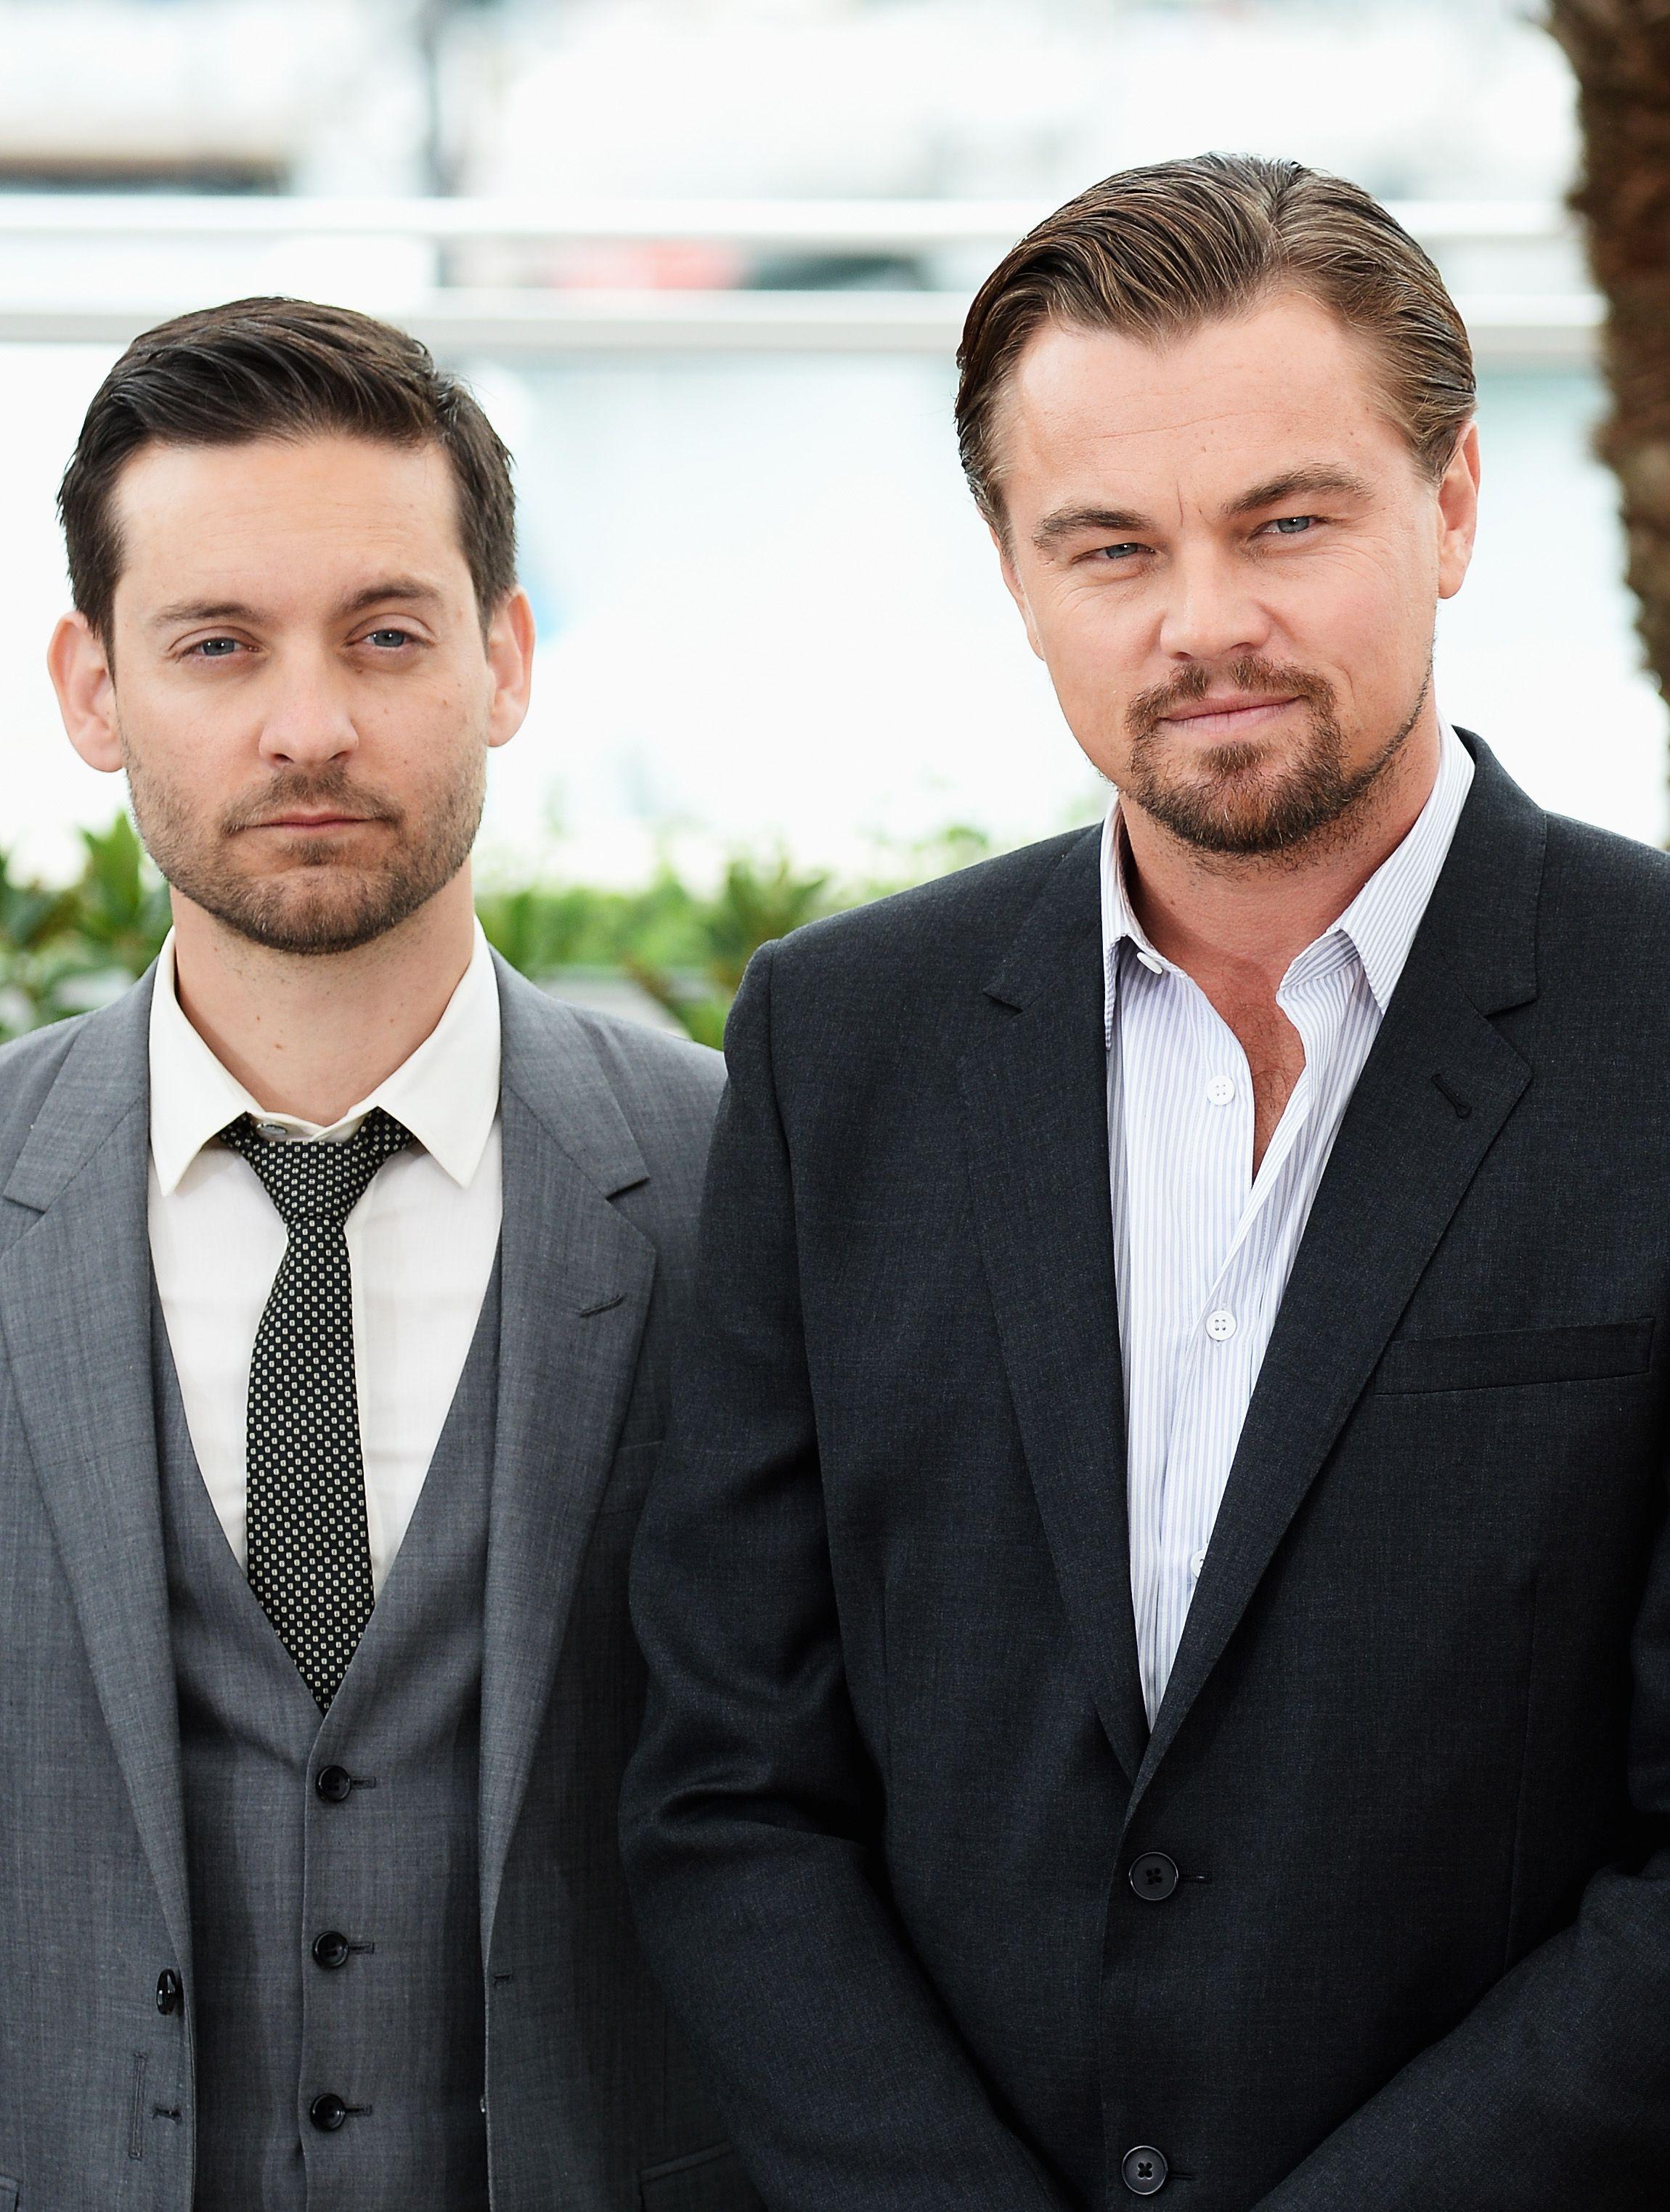 Leonardo DiCaprio is a bachelor again